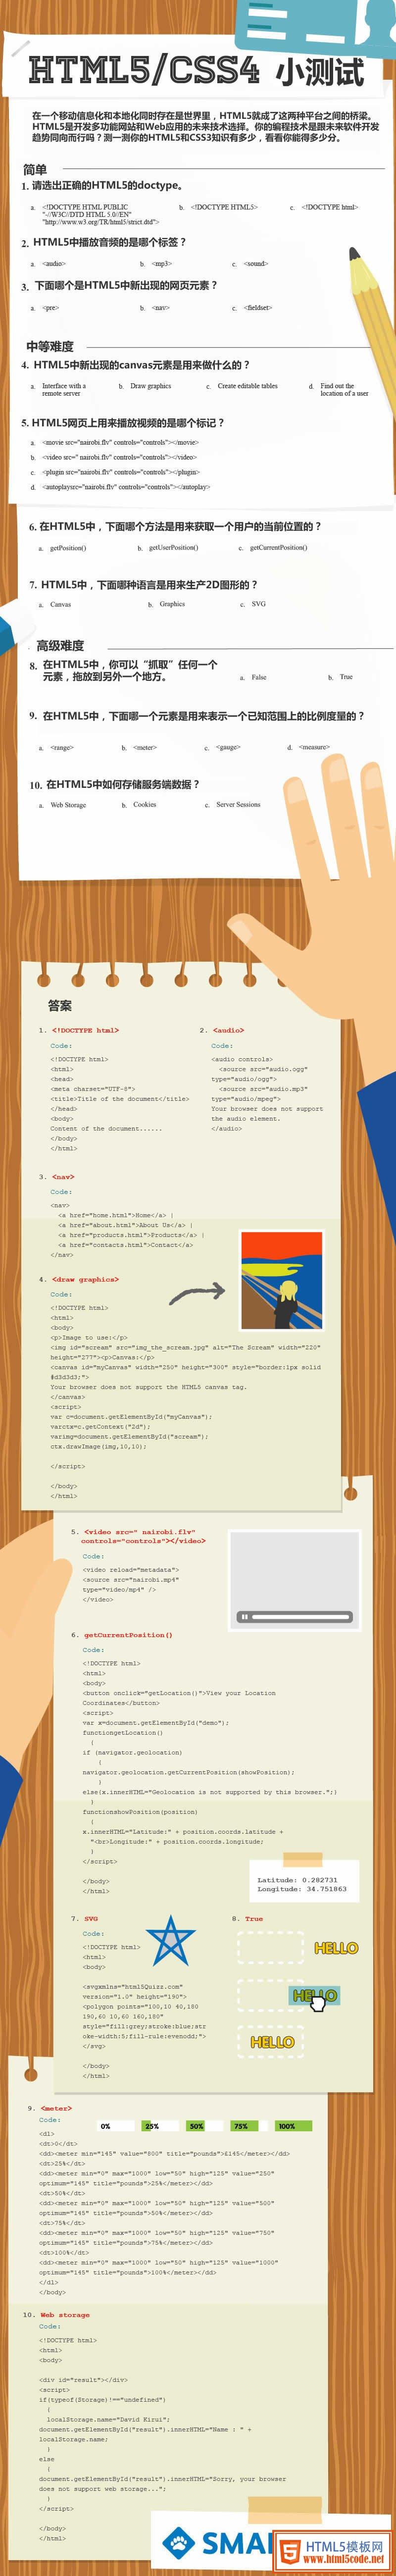 小测验:你对HTML5了解有多少?